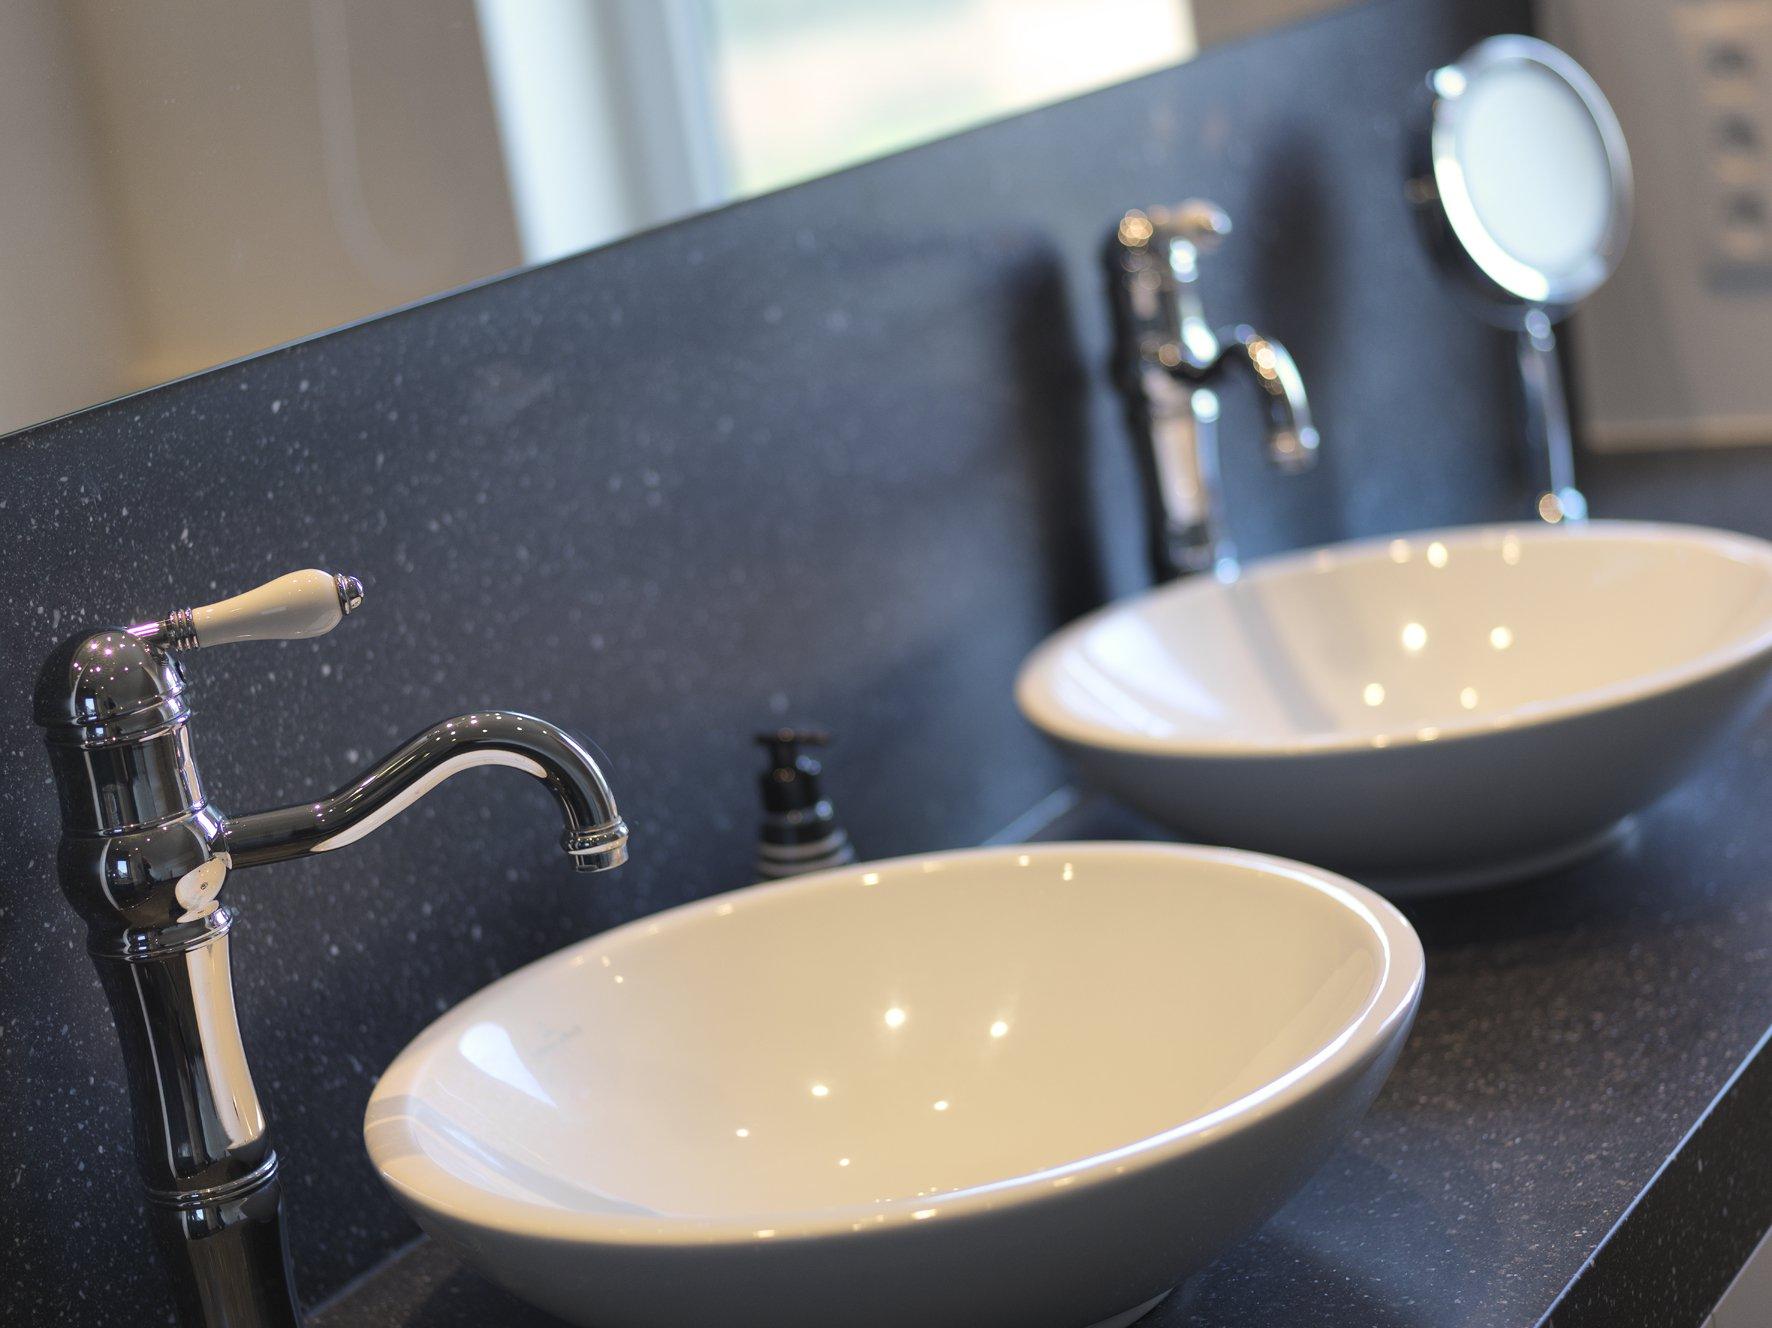 Assenti-badkamers-merk-Mijn-Bad-In-Stijl-badkamer-merken-3